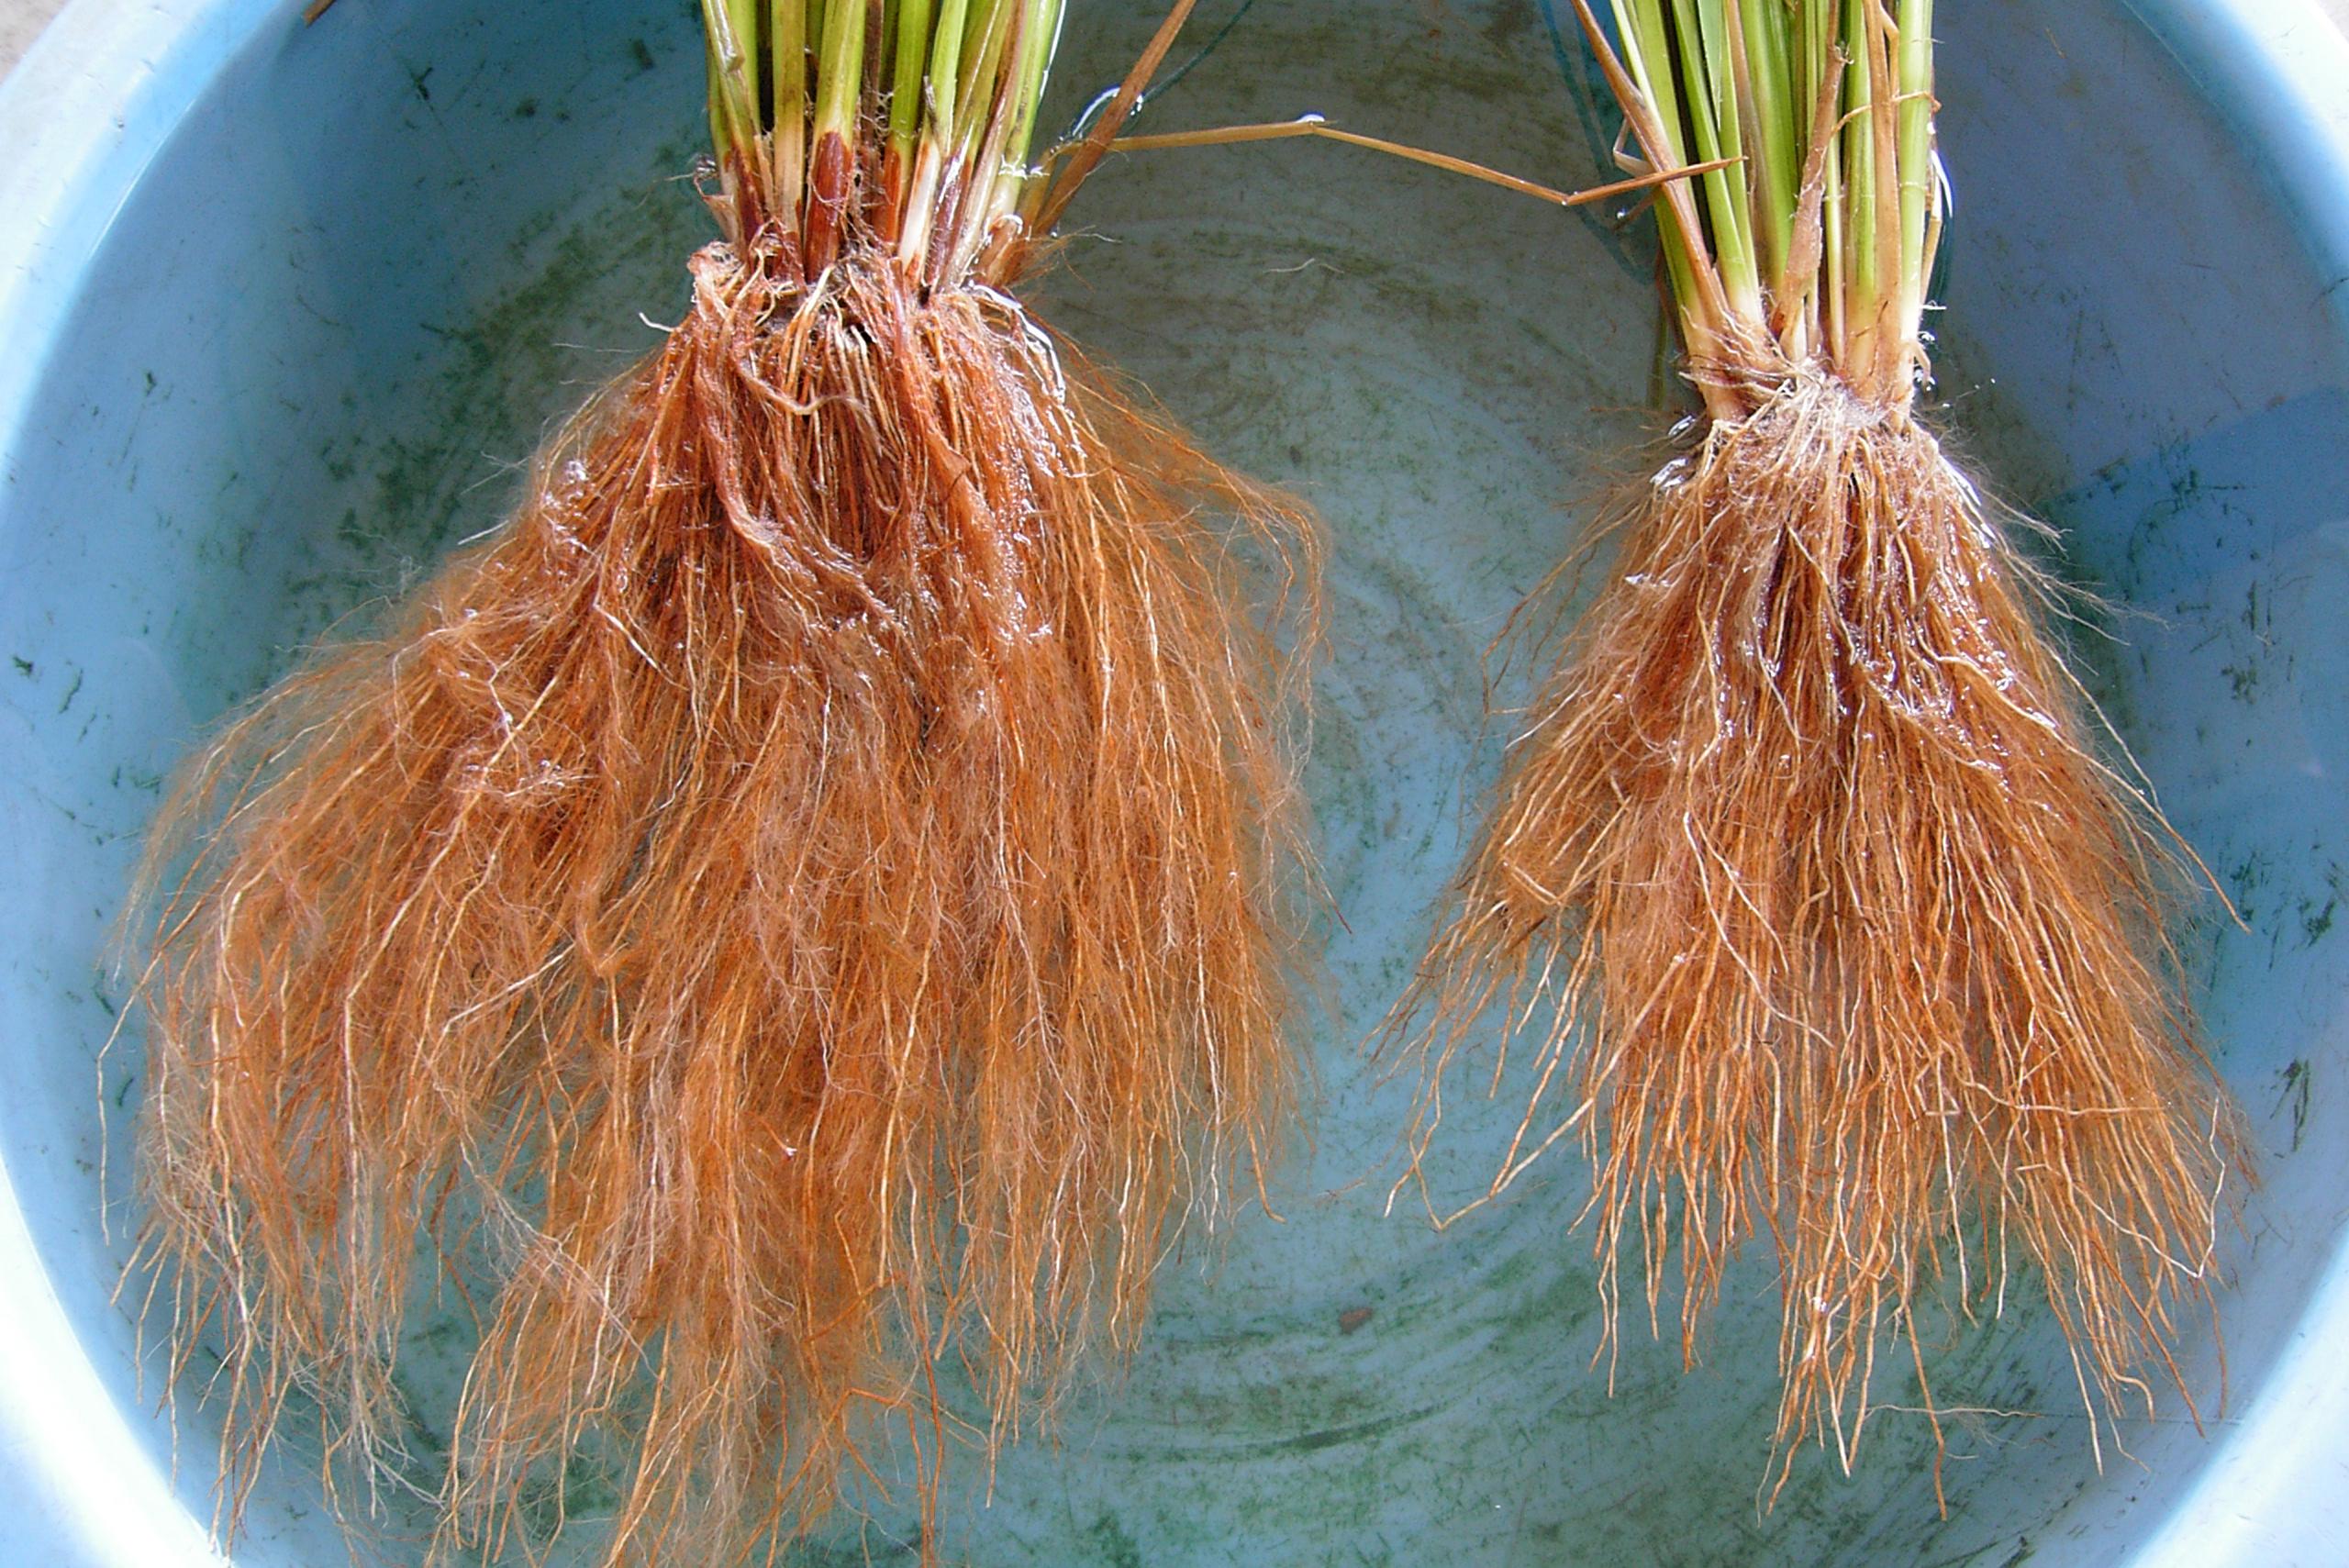 細かい根っこまでぐんぐん育つ肥沃な土壌